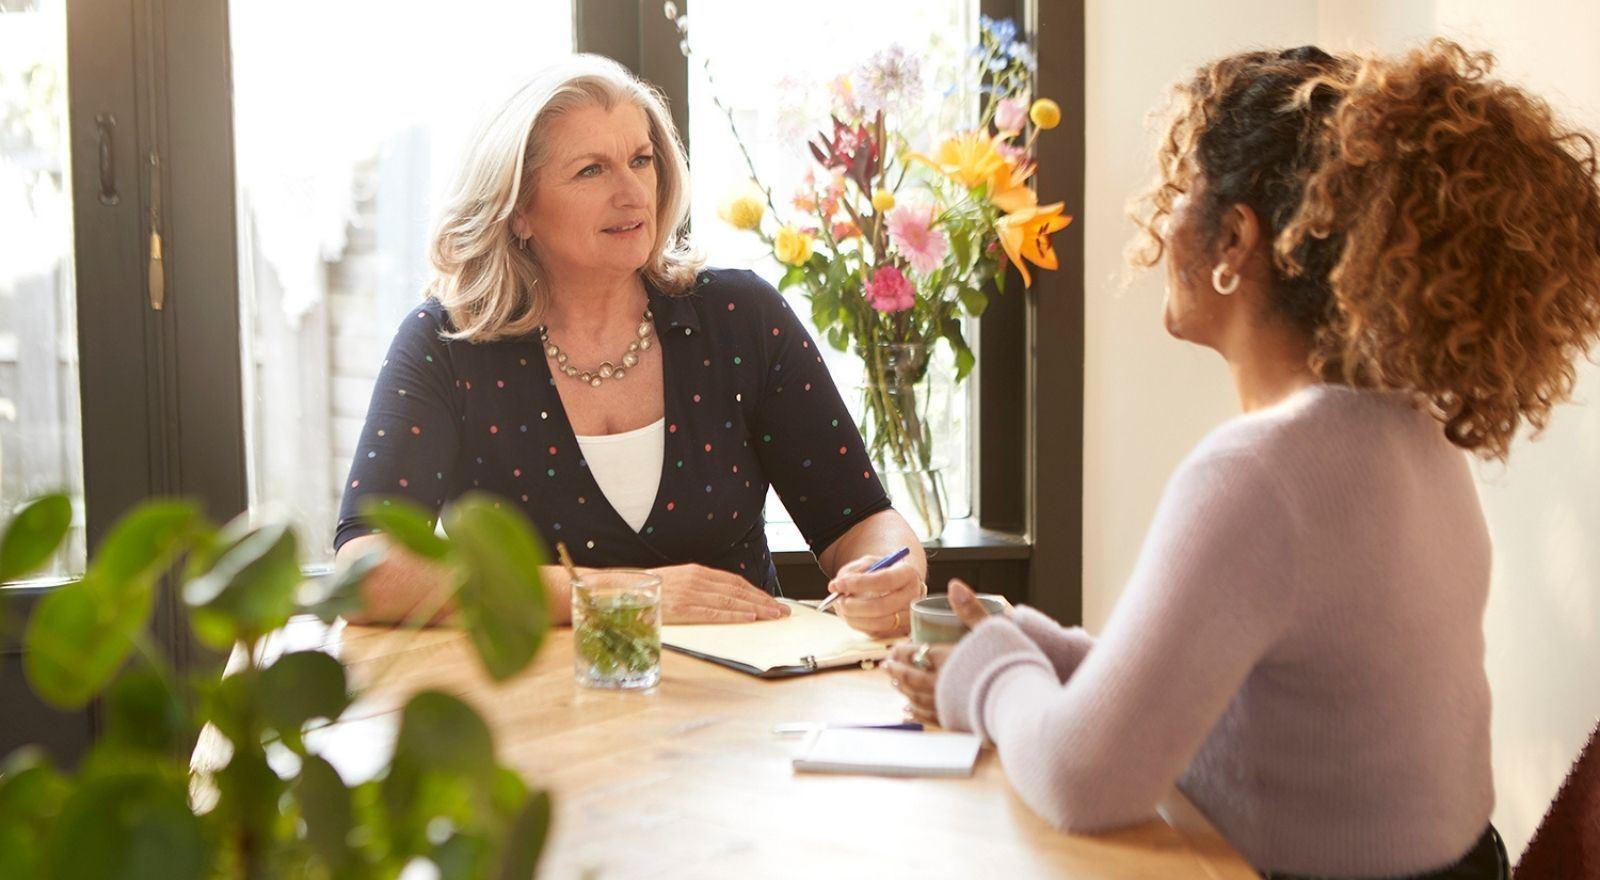 Therapeut leert in de opleiding Oplossingsgerichte therapie deze effectieve behandelmethode toe te passen